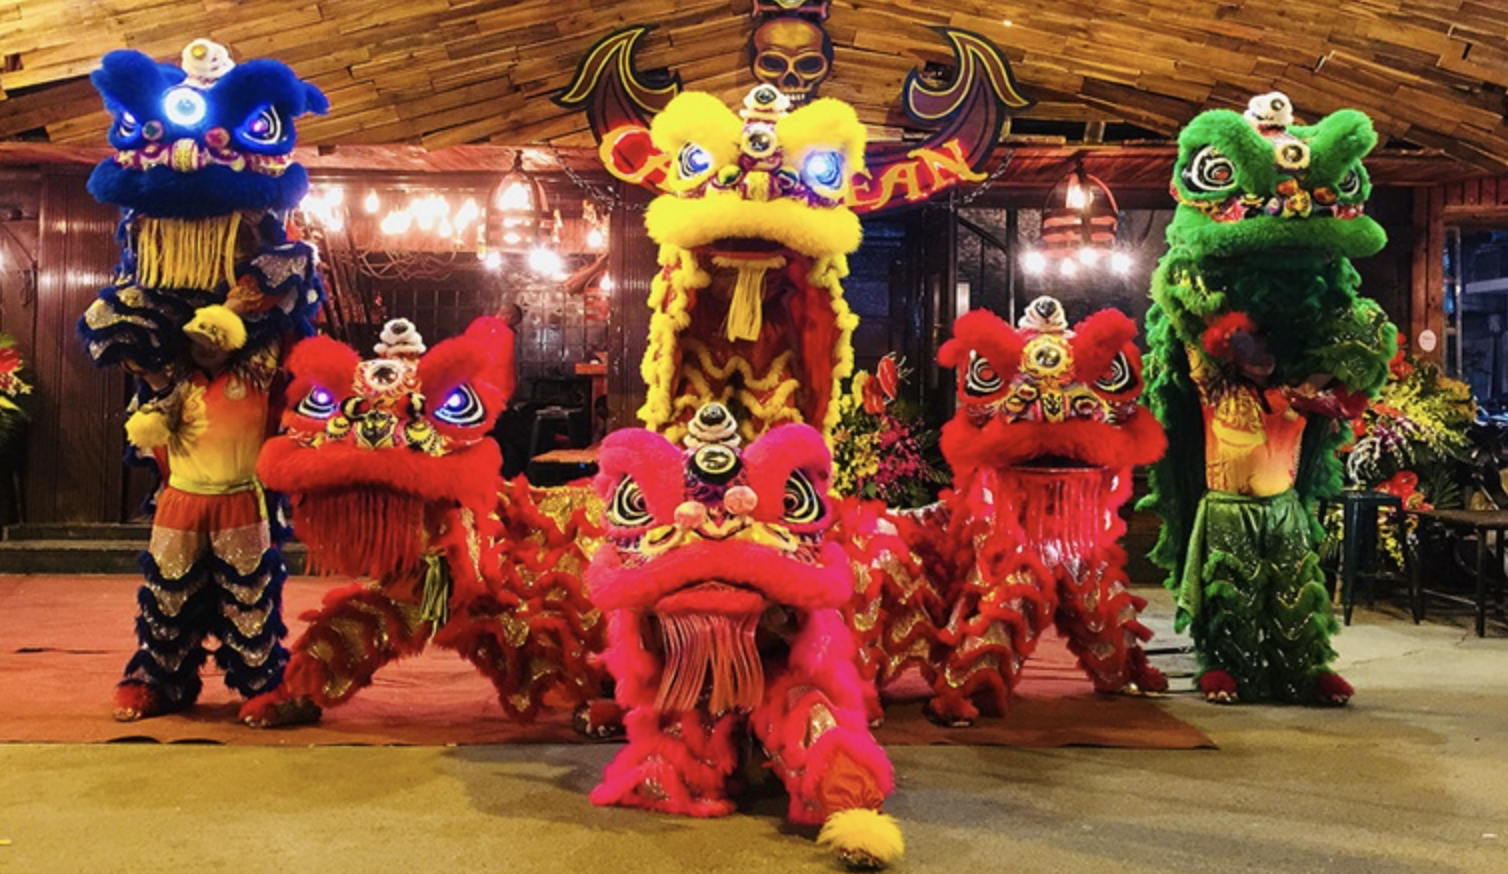 Tìm hiểu phong tục truyền thống Tết Trung thu ở Việt Nam từ xưa đến nay - Ảnh 1.